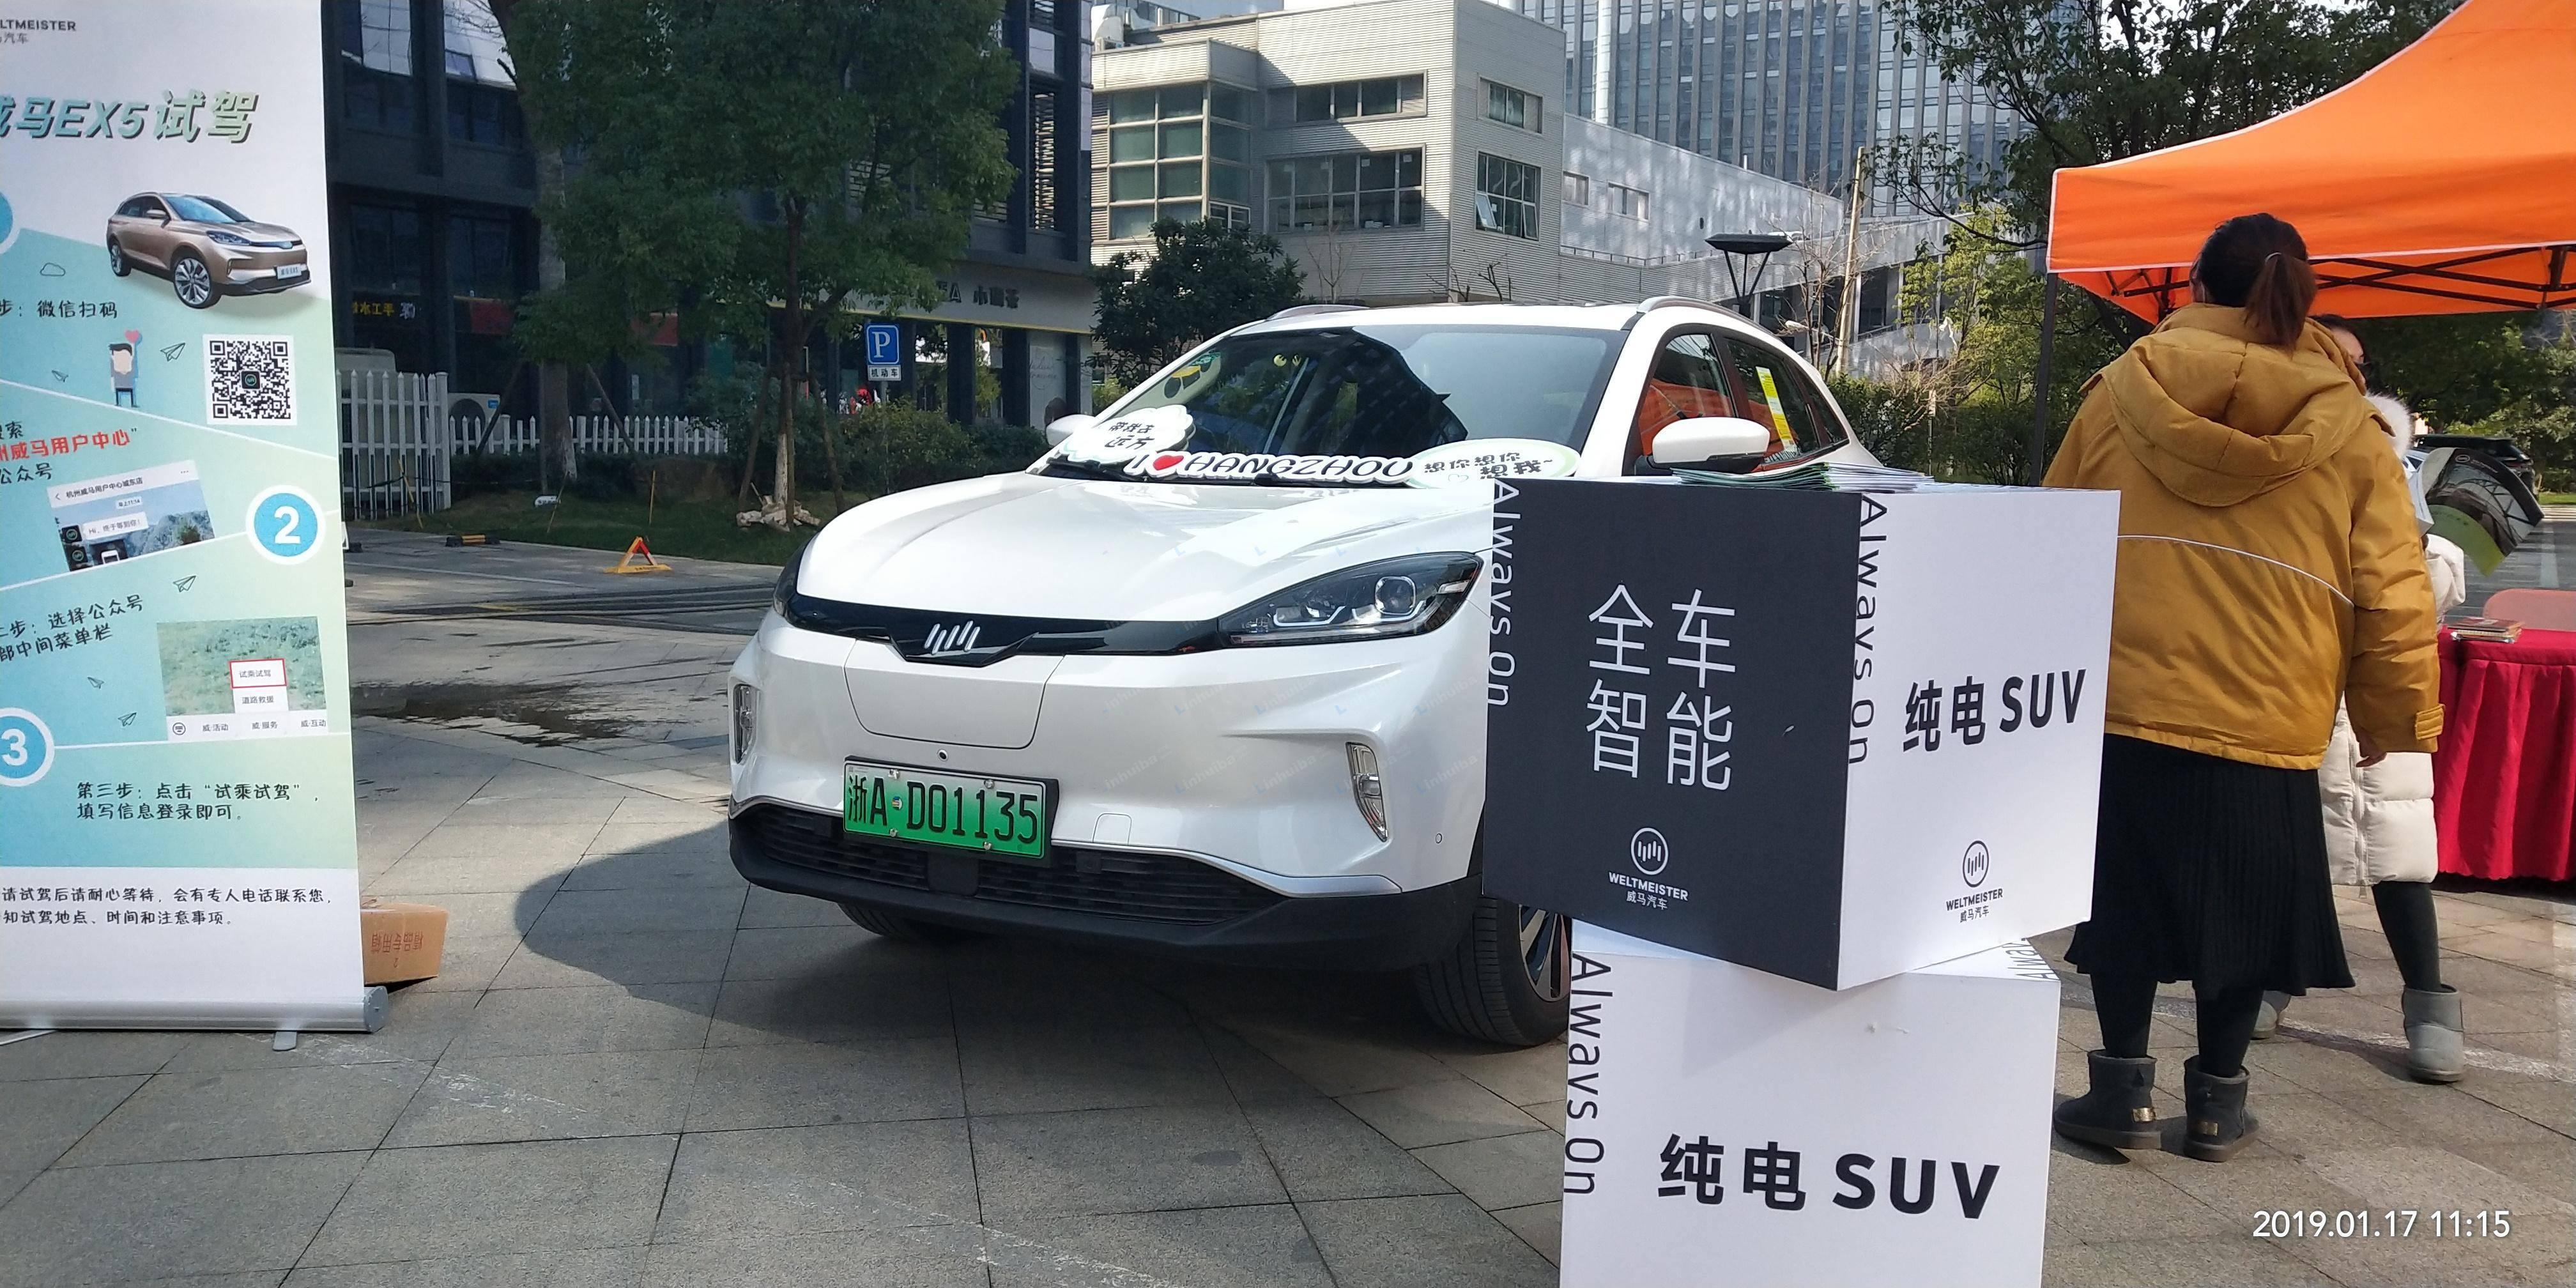 威马汽车静态展-杭州利尔达科技园